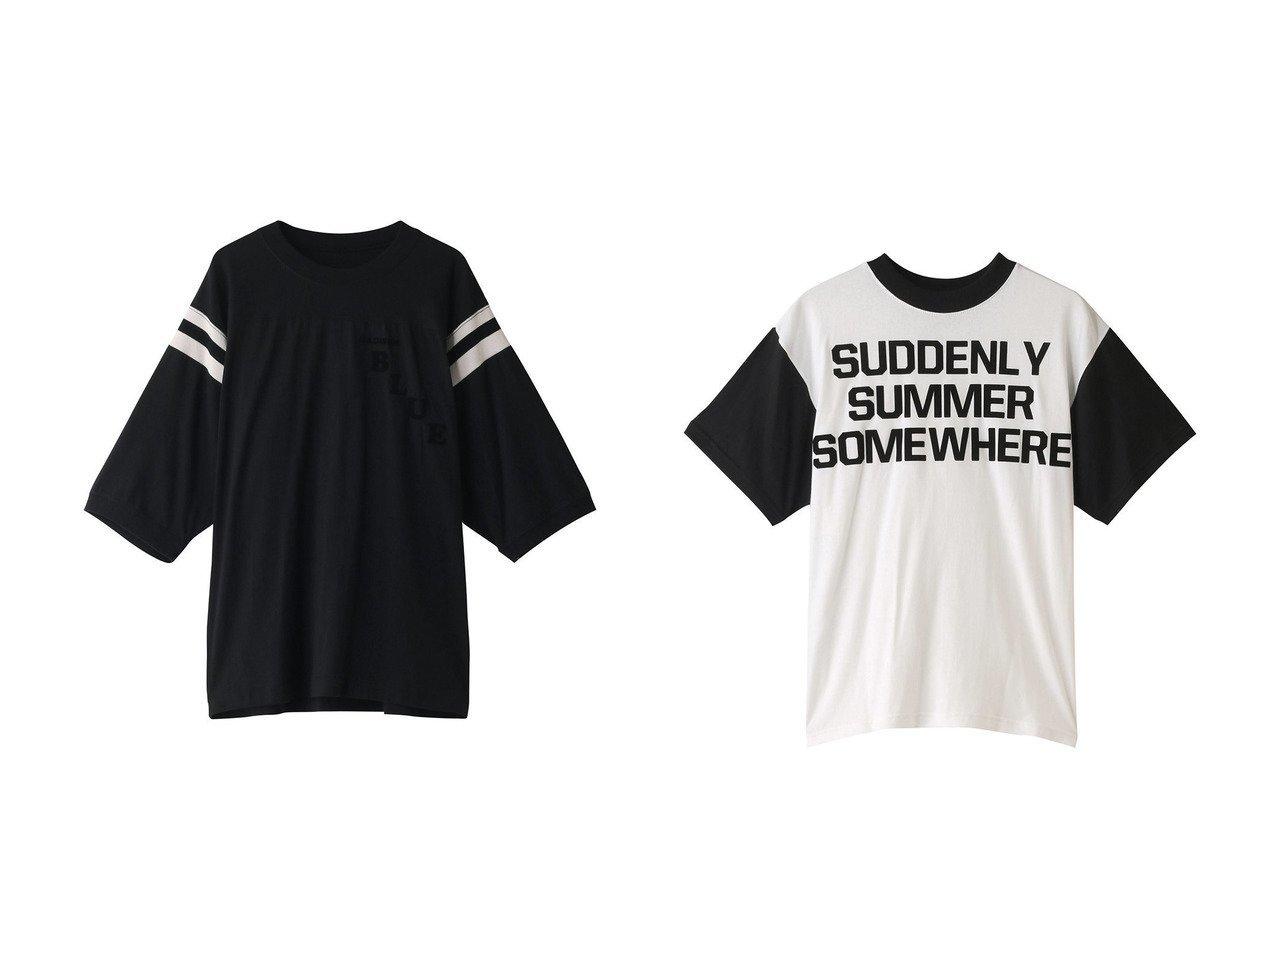 【MADISONBLUE/マディソンブルー】のバイカラーラインTシャツ&バイカラーTシャツ MADISONBLUEのおすすめ!人気、トレンド・レディースファッションの通販 おすすめで人気の流行・トレンド、ファッションの通販商品 メンズファッション・キッズファッション・インテリア・家具・レディースファッション・服の通販 founy(ファニー) https://founy.com/ ファッション Fashion レディースファッション WOMEN トップス Tops Tshirt シャツ/ブラウス Shirts Blouses ロング / Tシャツ T-Shirts カットソー Cut and Sewn 2021年 2021 2021 春夏 S/S SS Spring/Summer 2021 S/S 春夏 SS Spring/Summer インド ショート スリーブ ヴィンテージ 春 Spring |ID:crp329100000016905